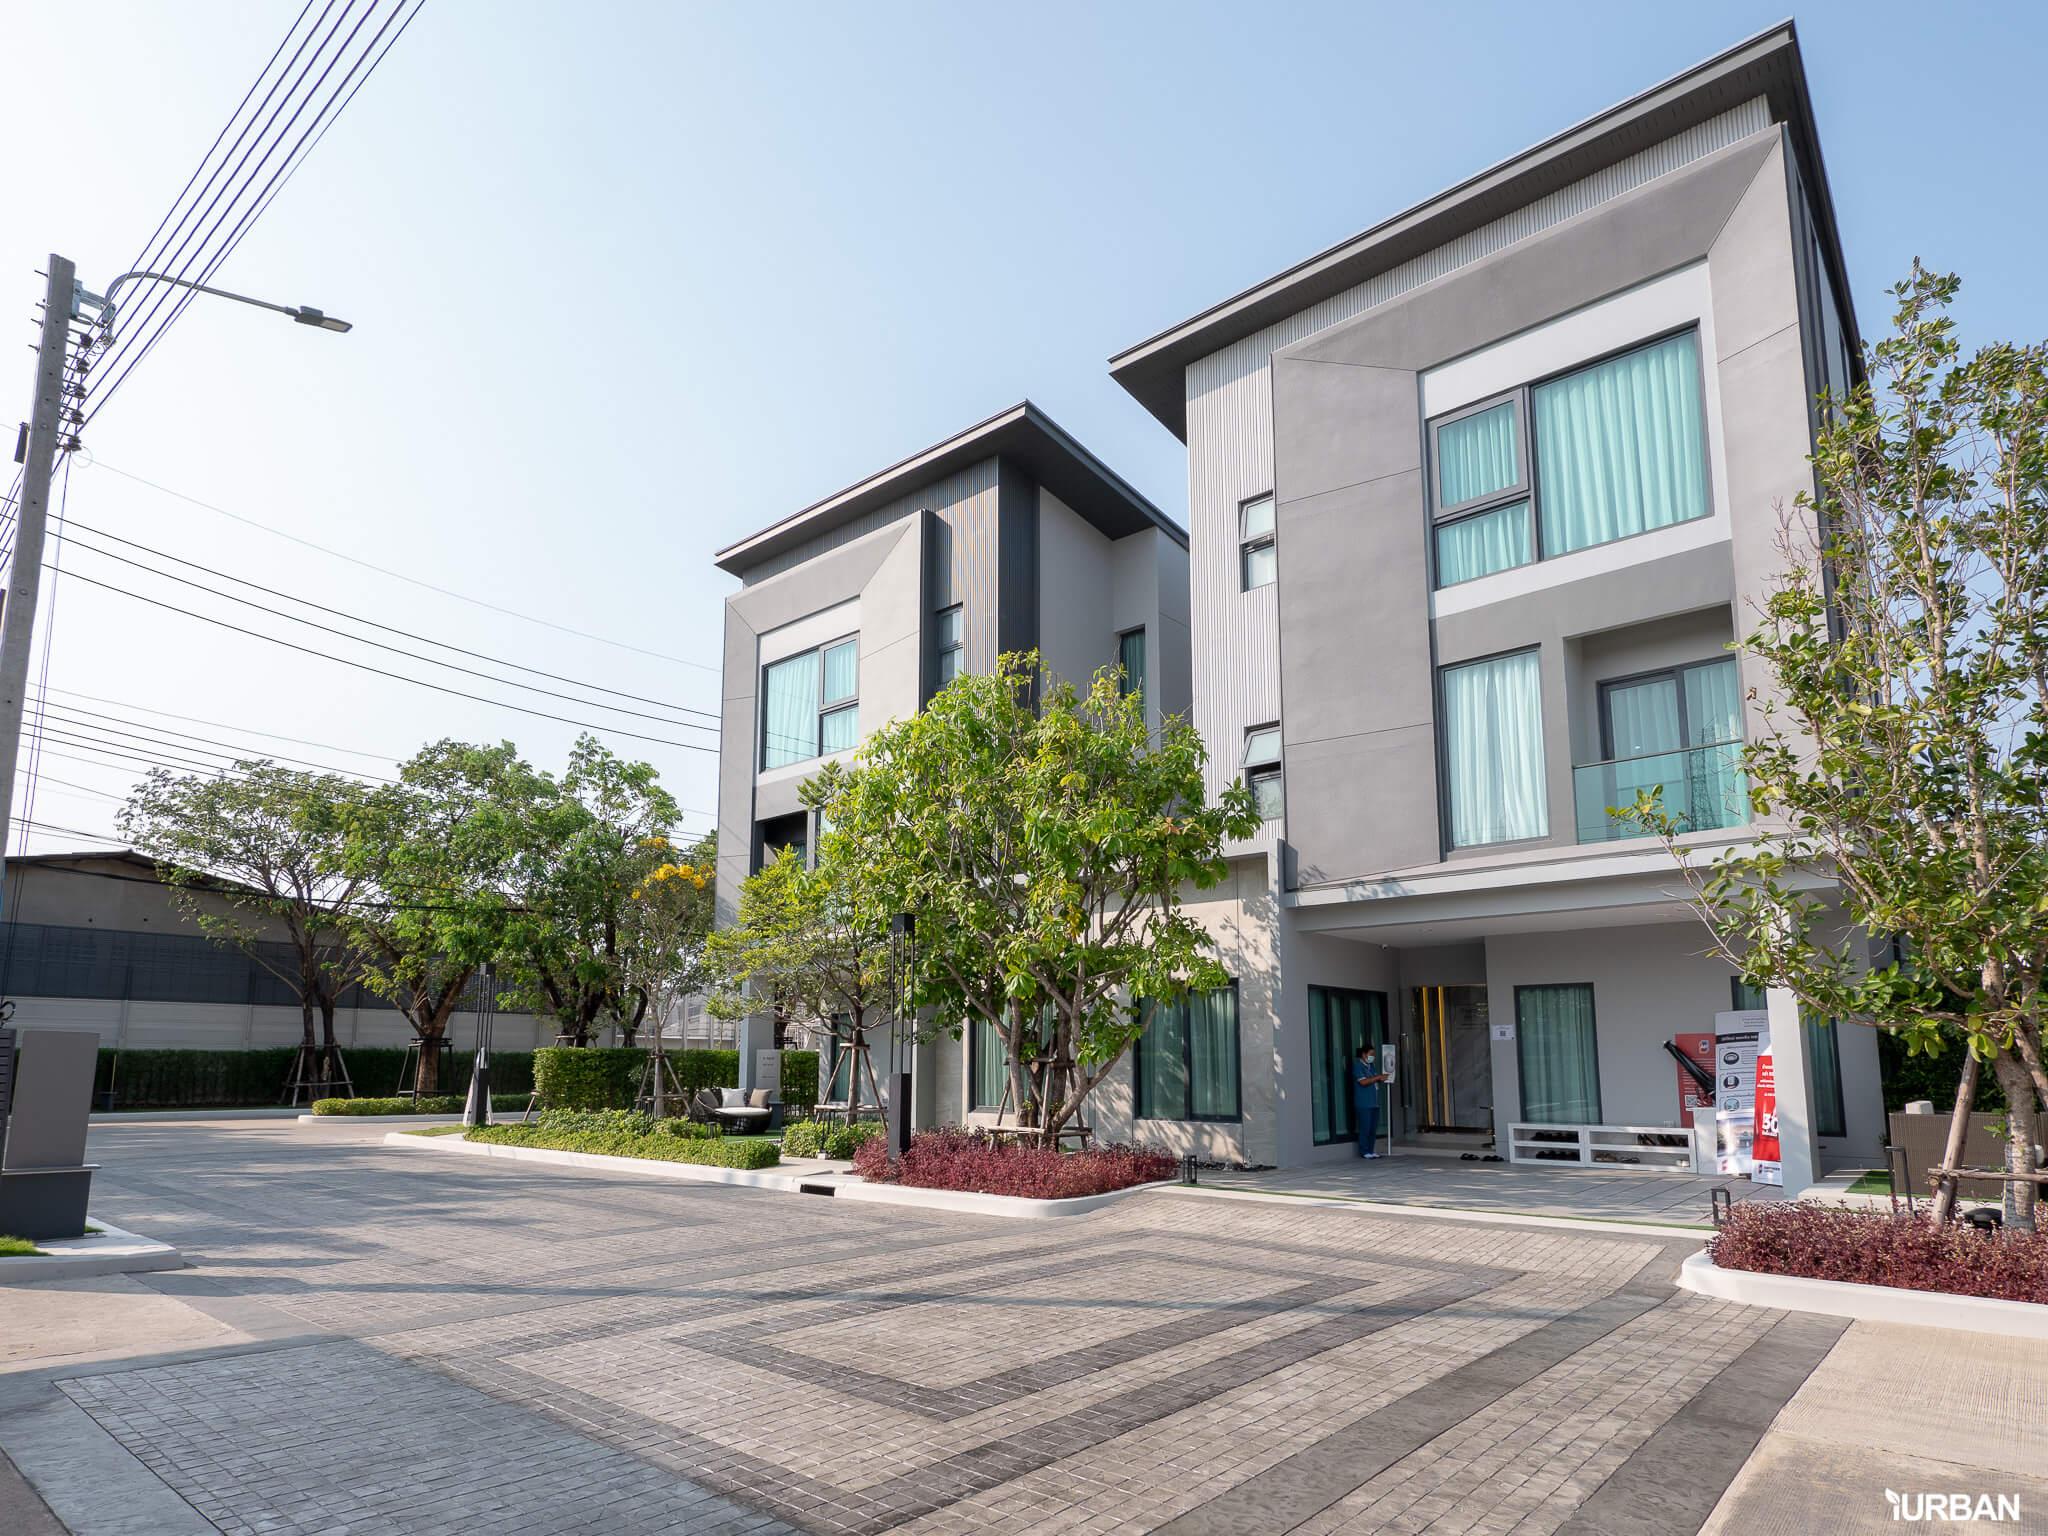 7 โครงการบ้านเอพีช่วยผ่อน 30 เดือน สุขสวัสดิ์-ประชาอุทิศ เข้าเมืองง่าย ทาวน์โฮม-บ้าน เริ่ม 1.99 ล้าน 42 - AP (Thailand) - เอพี (ไทยแลนด์)